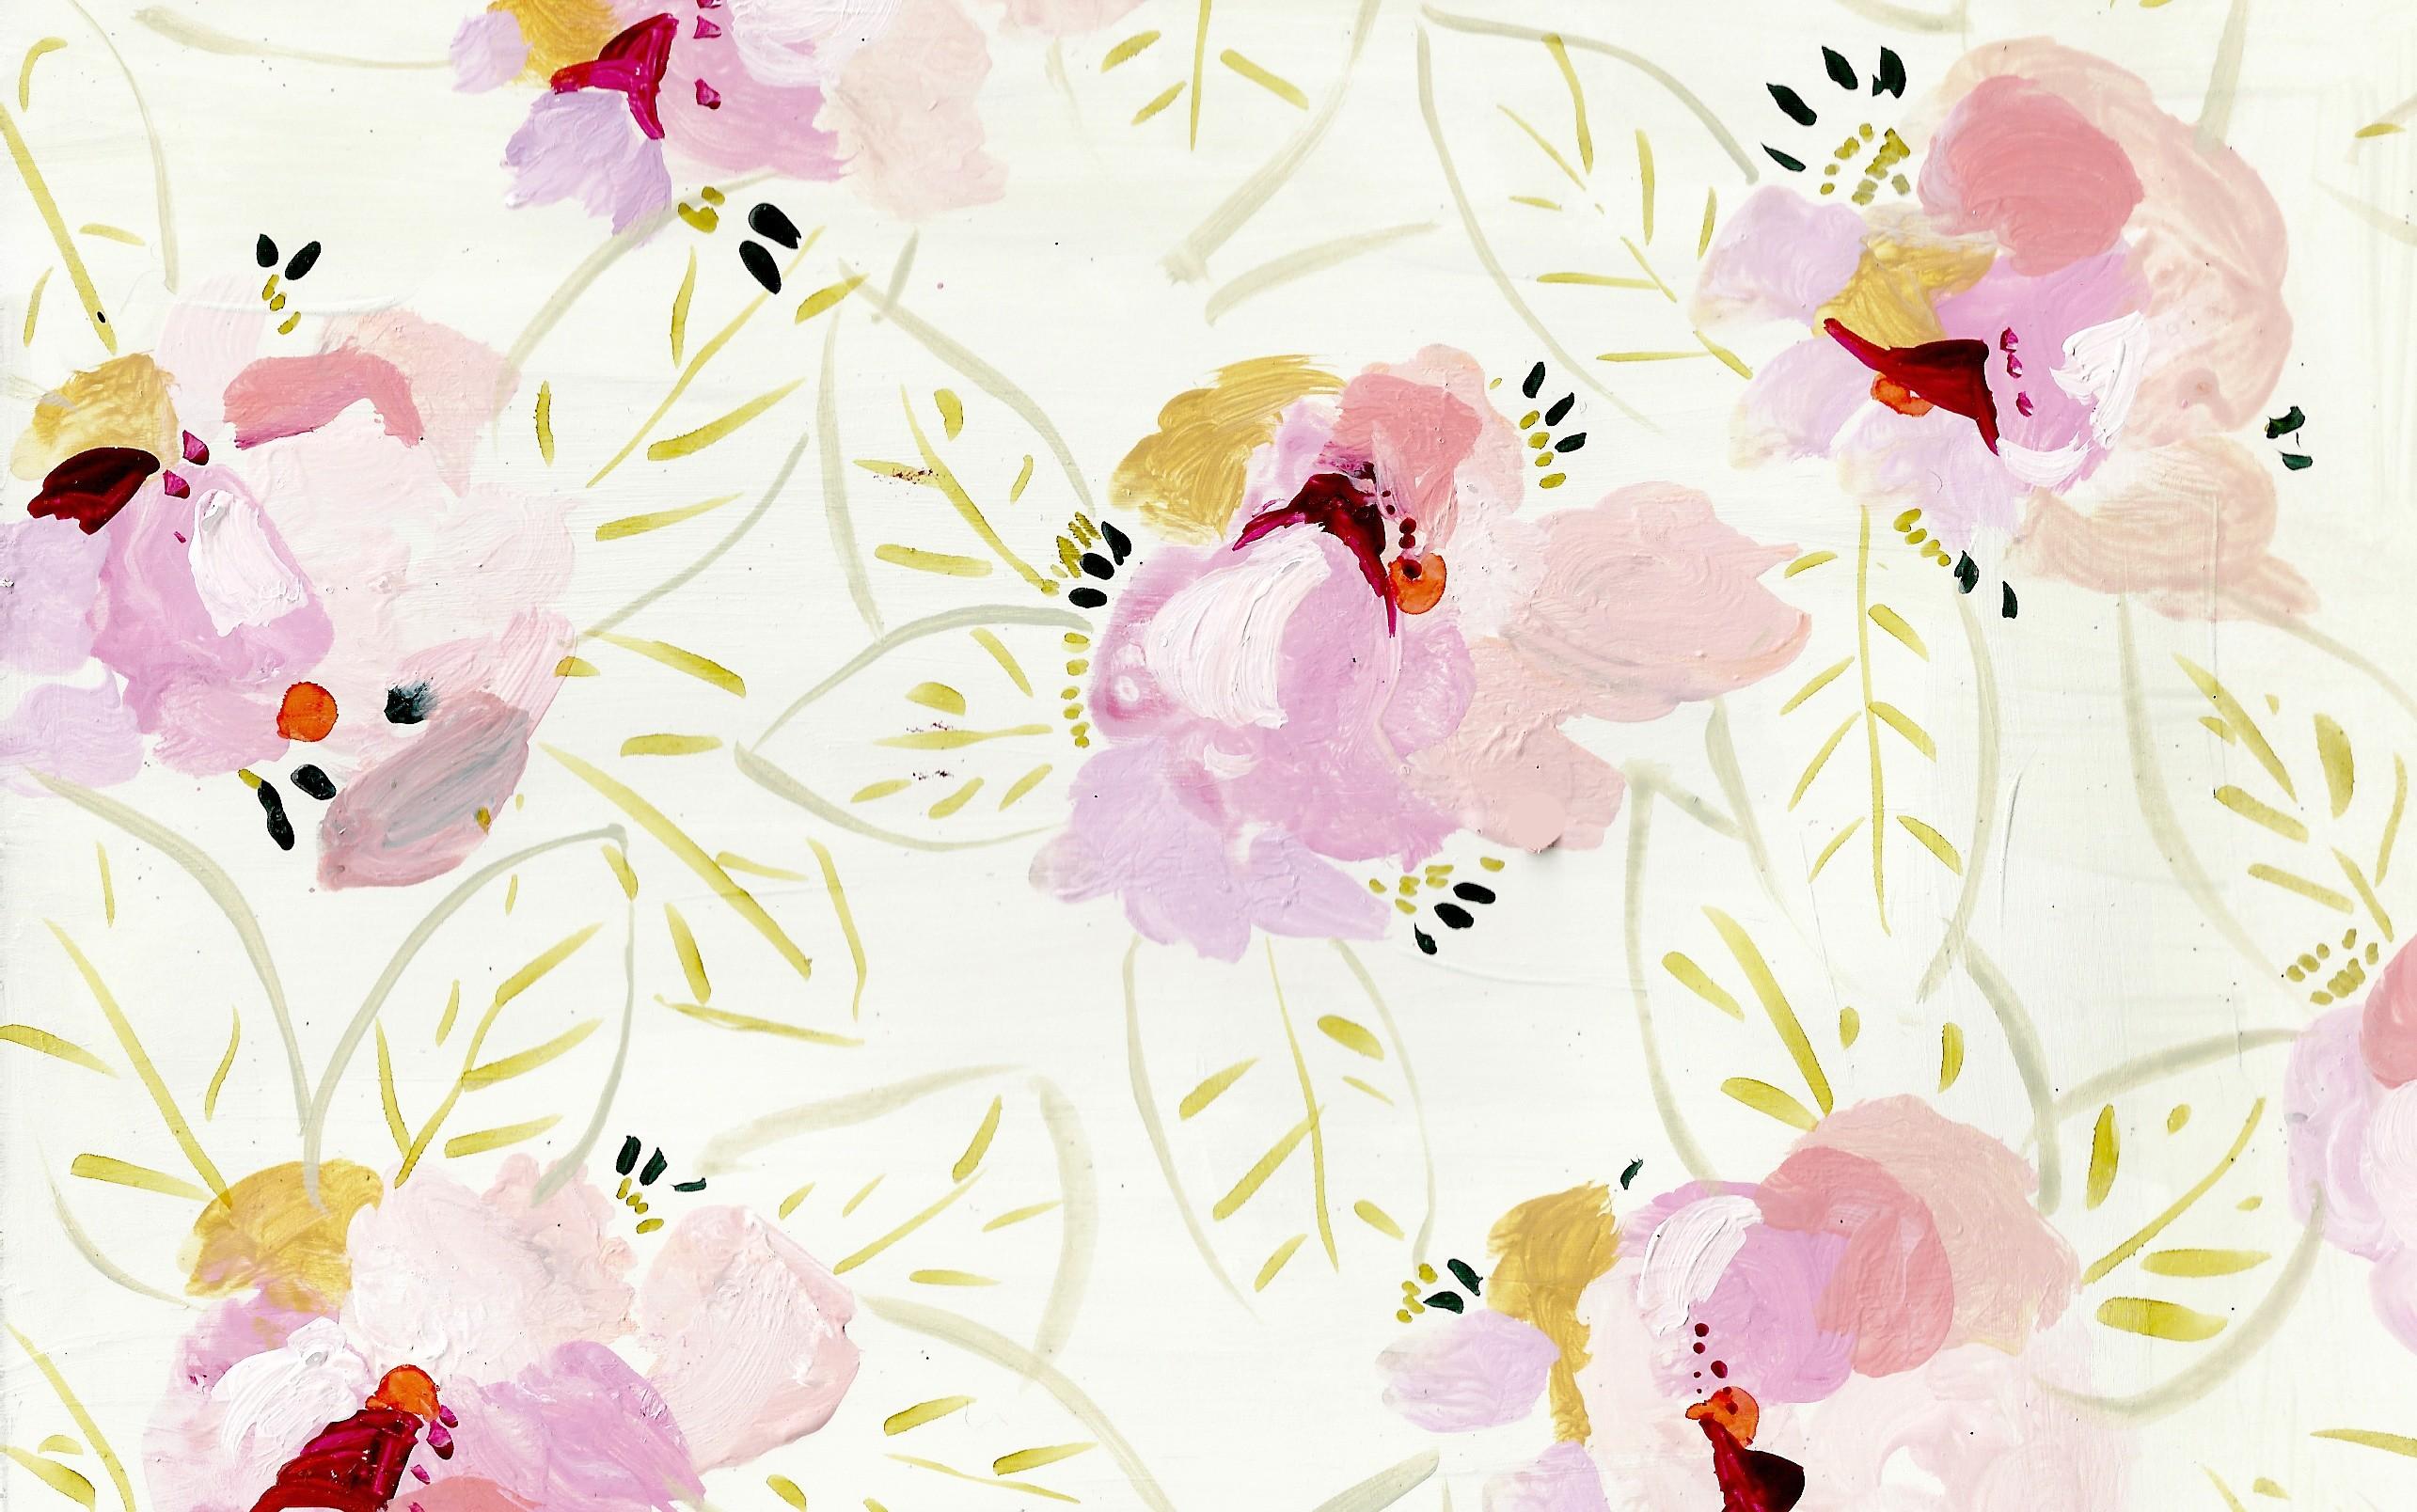 2570x1608 Computer Wallpaper | {Computer Wallpapers} | Pinterest